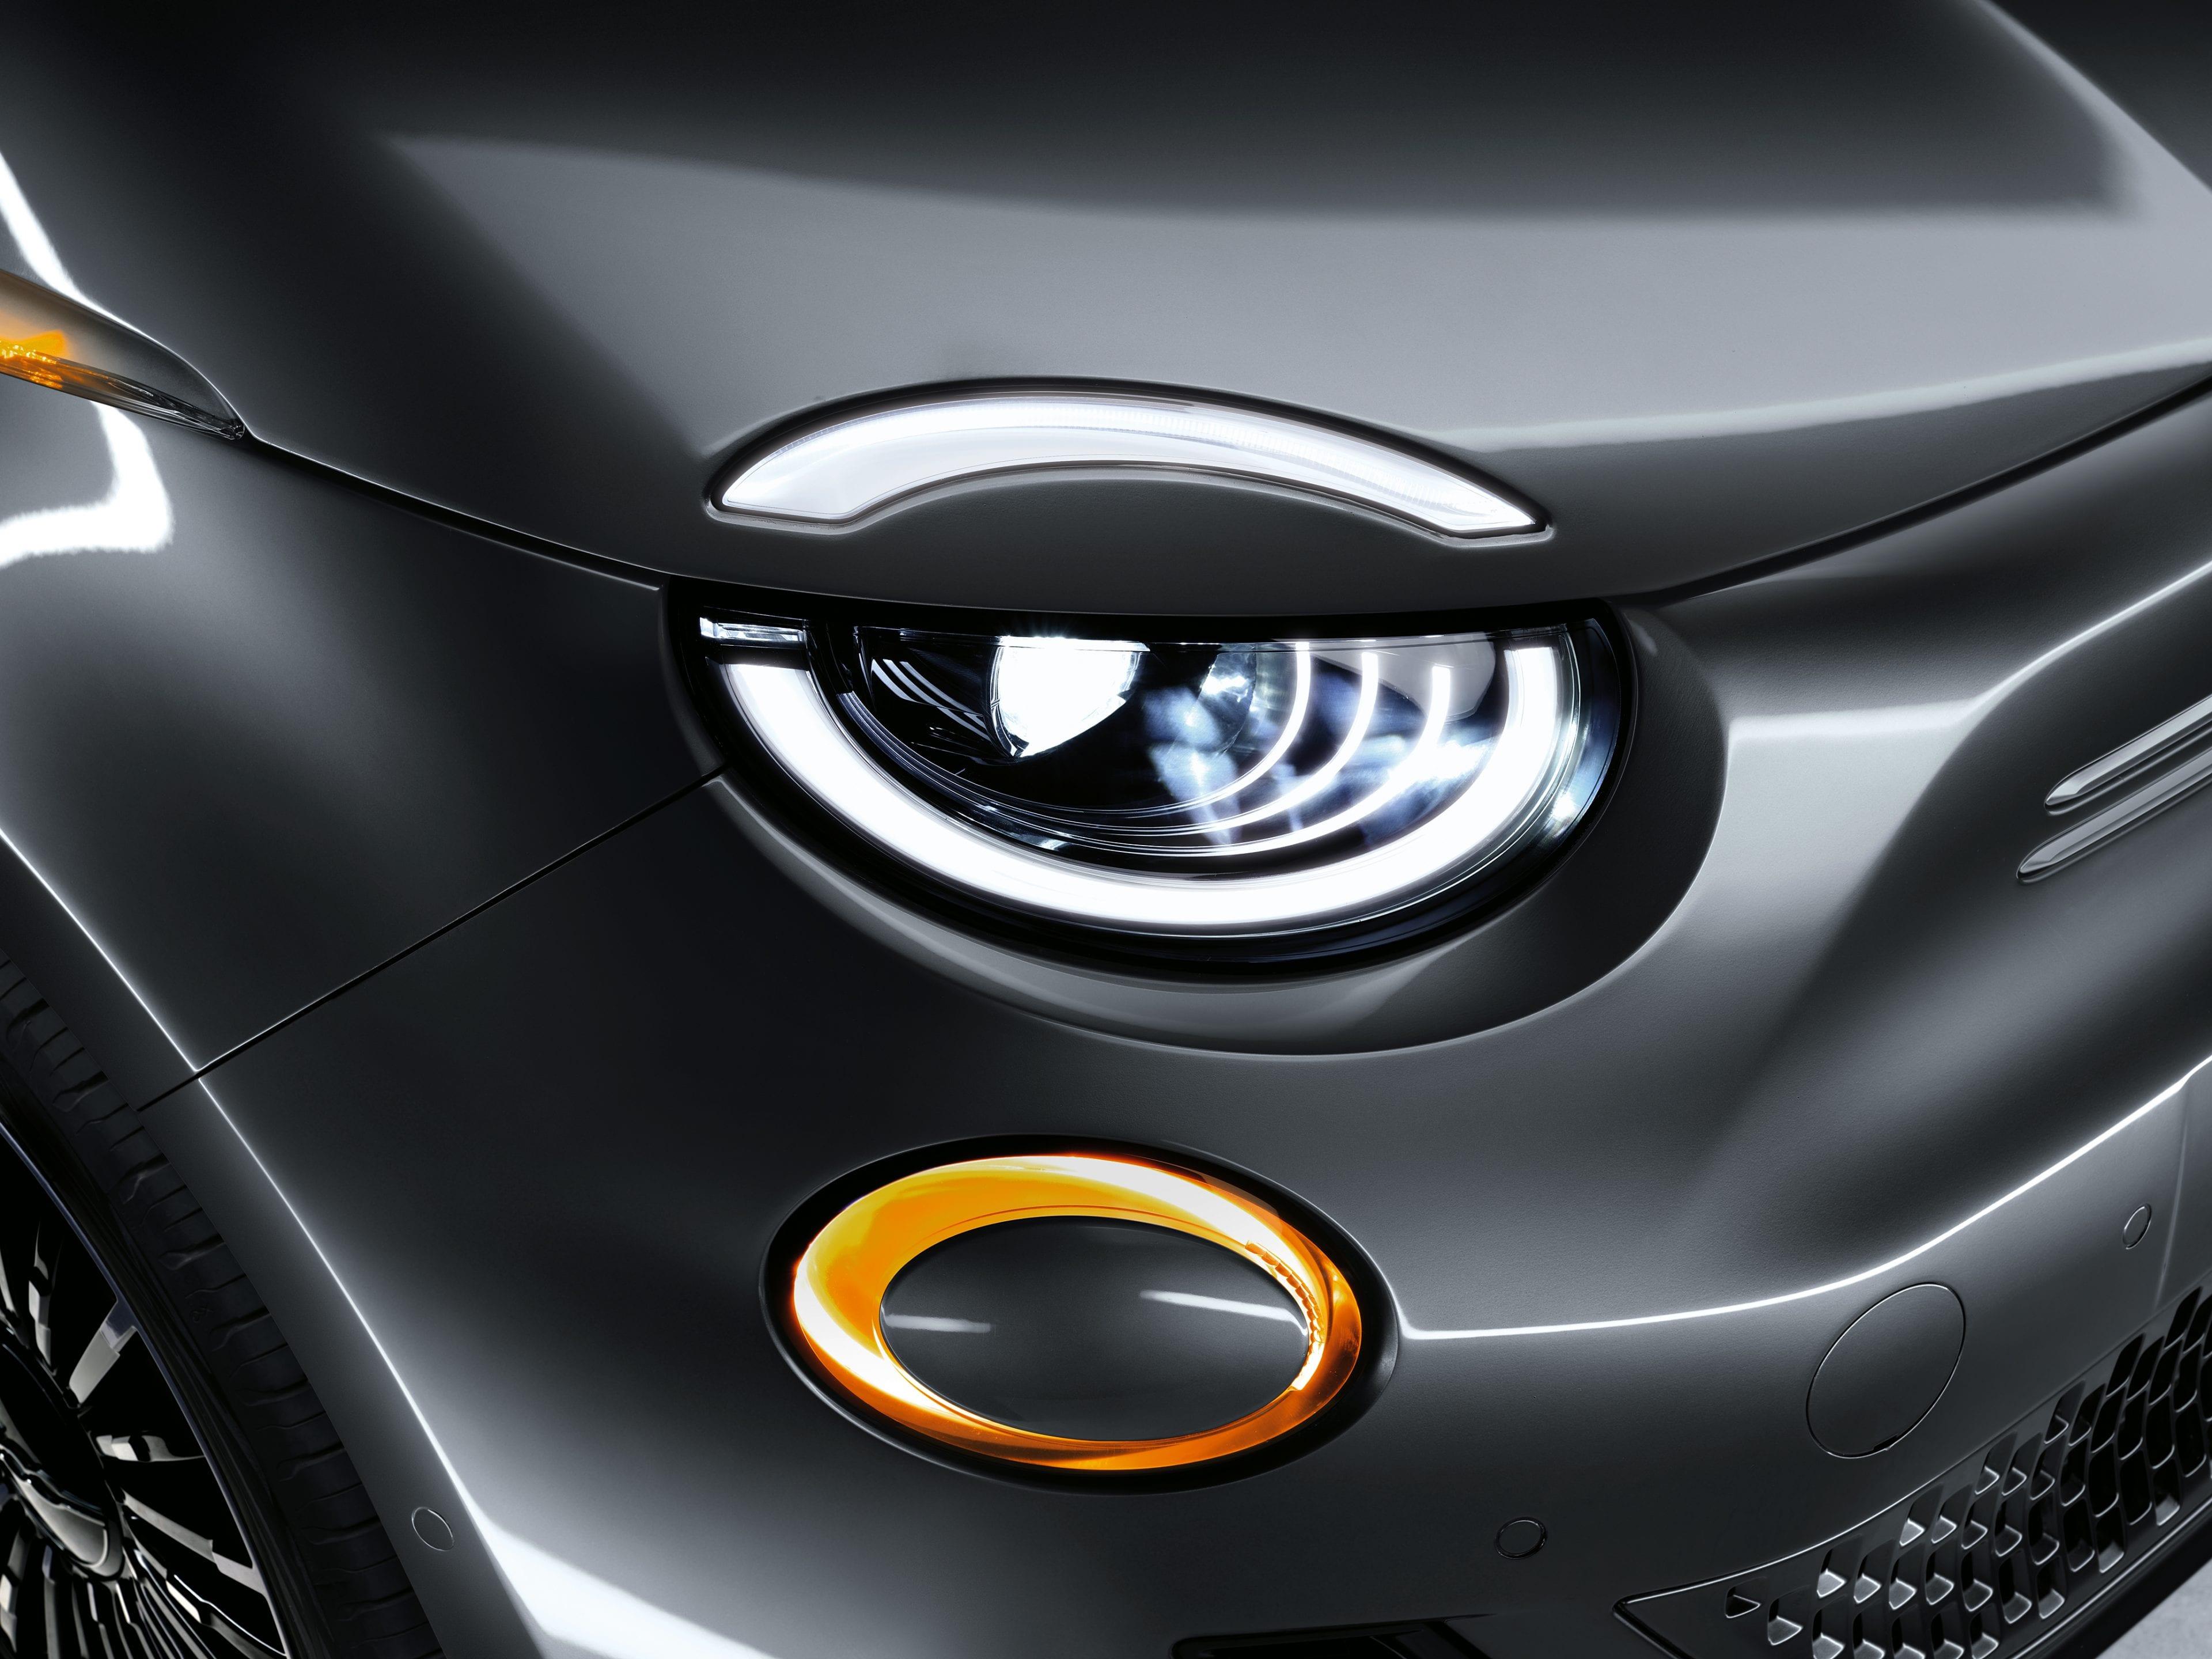 New Fiat 500e - richting aangever